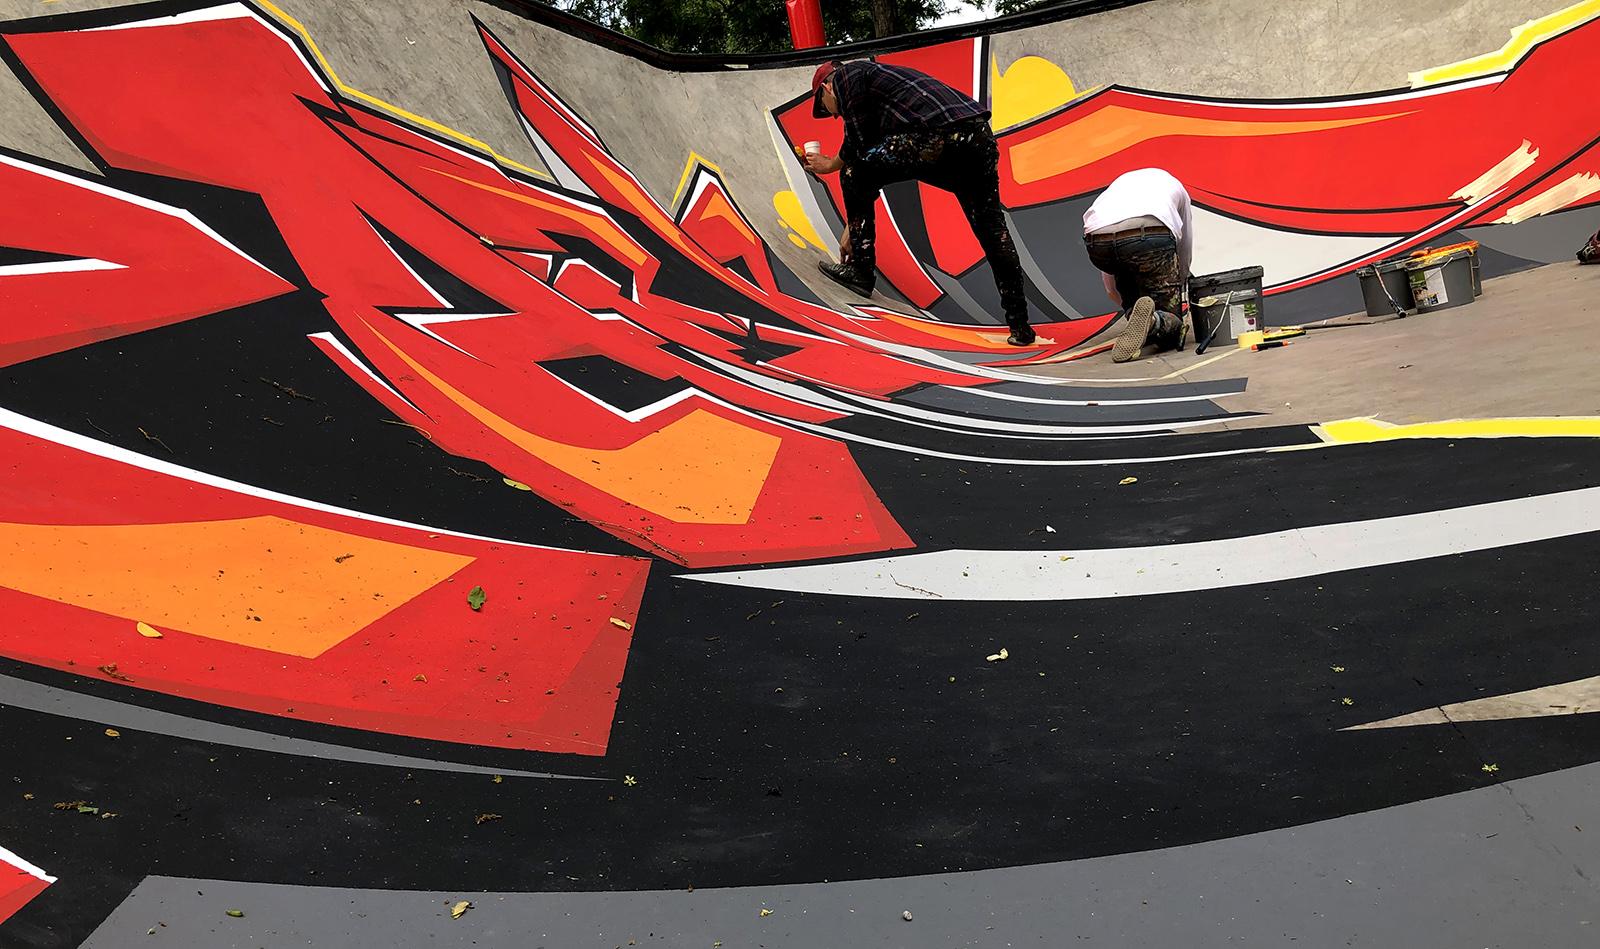 skatepark - neopaint works